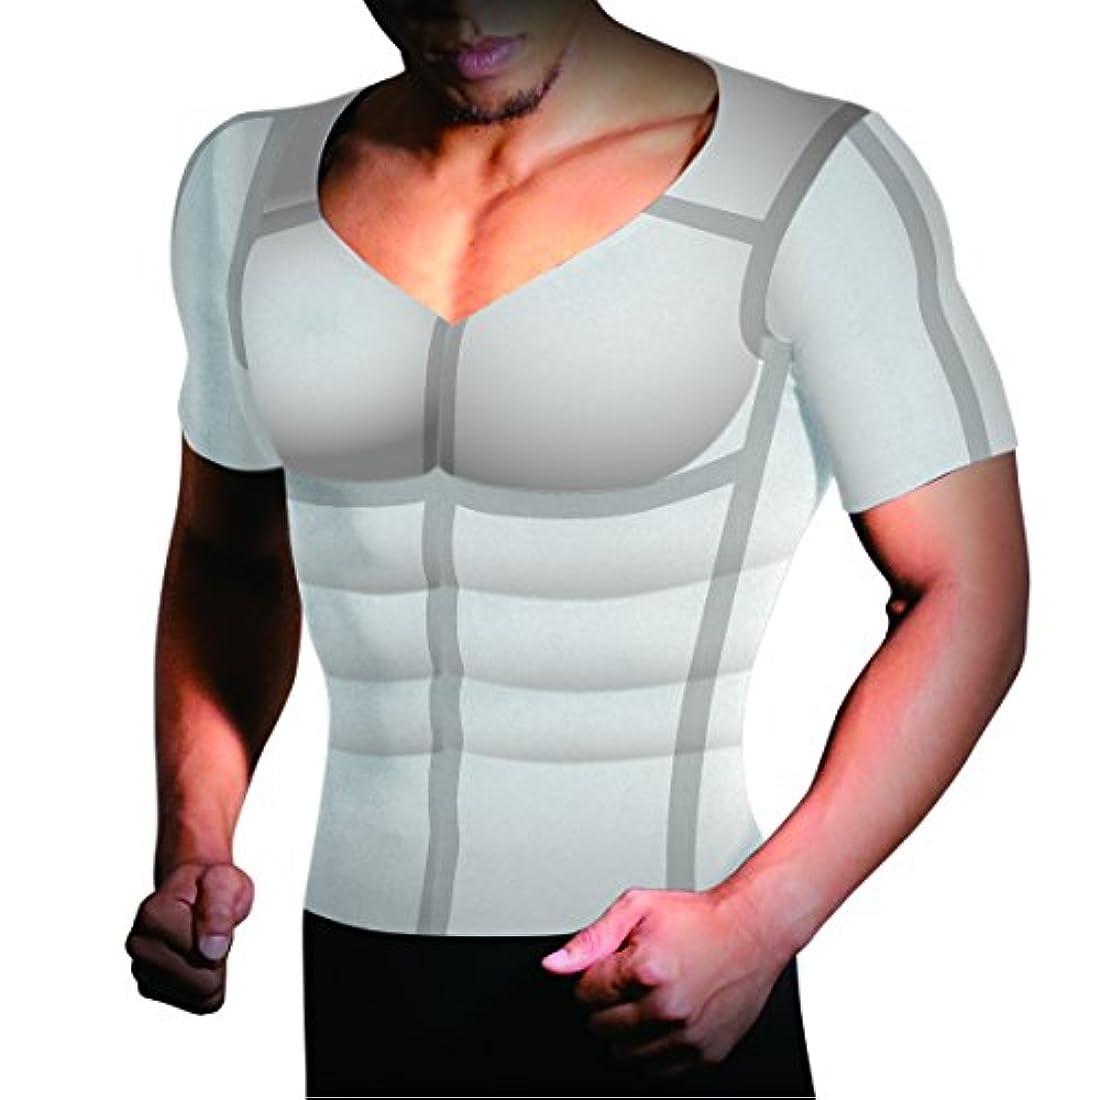 品種クールエレベーター加圧シャツ ヒロミプロデュース パンプマッスルビルダーTシャツ(Mサイズ/ホワイト) KTSWTM